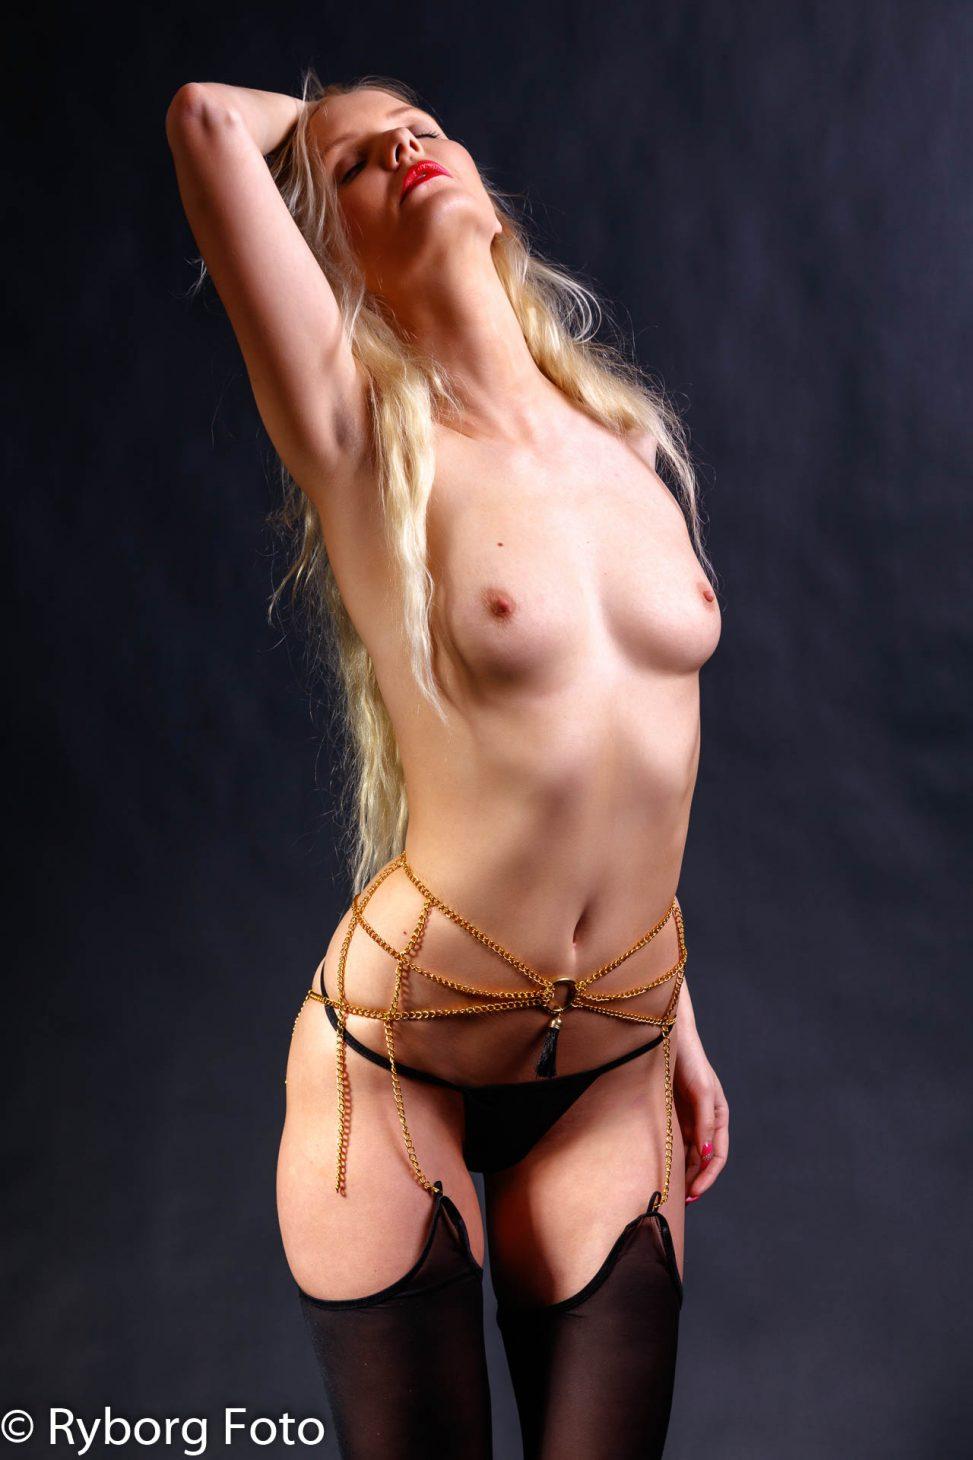 nicole brøggler topless